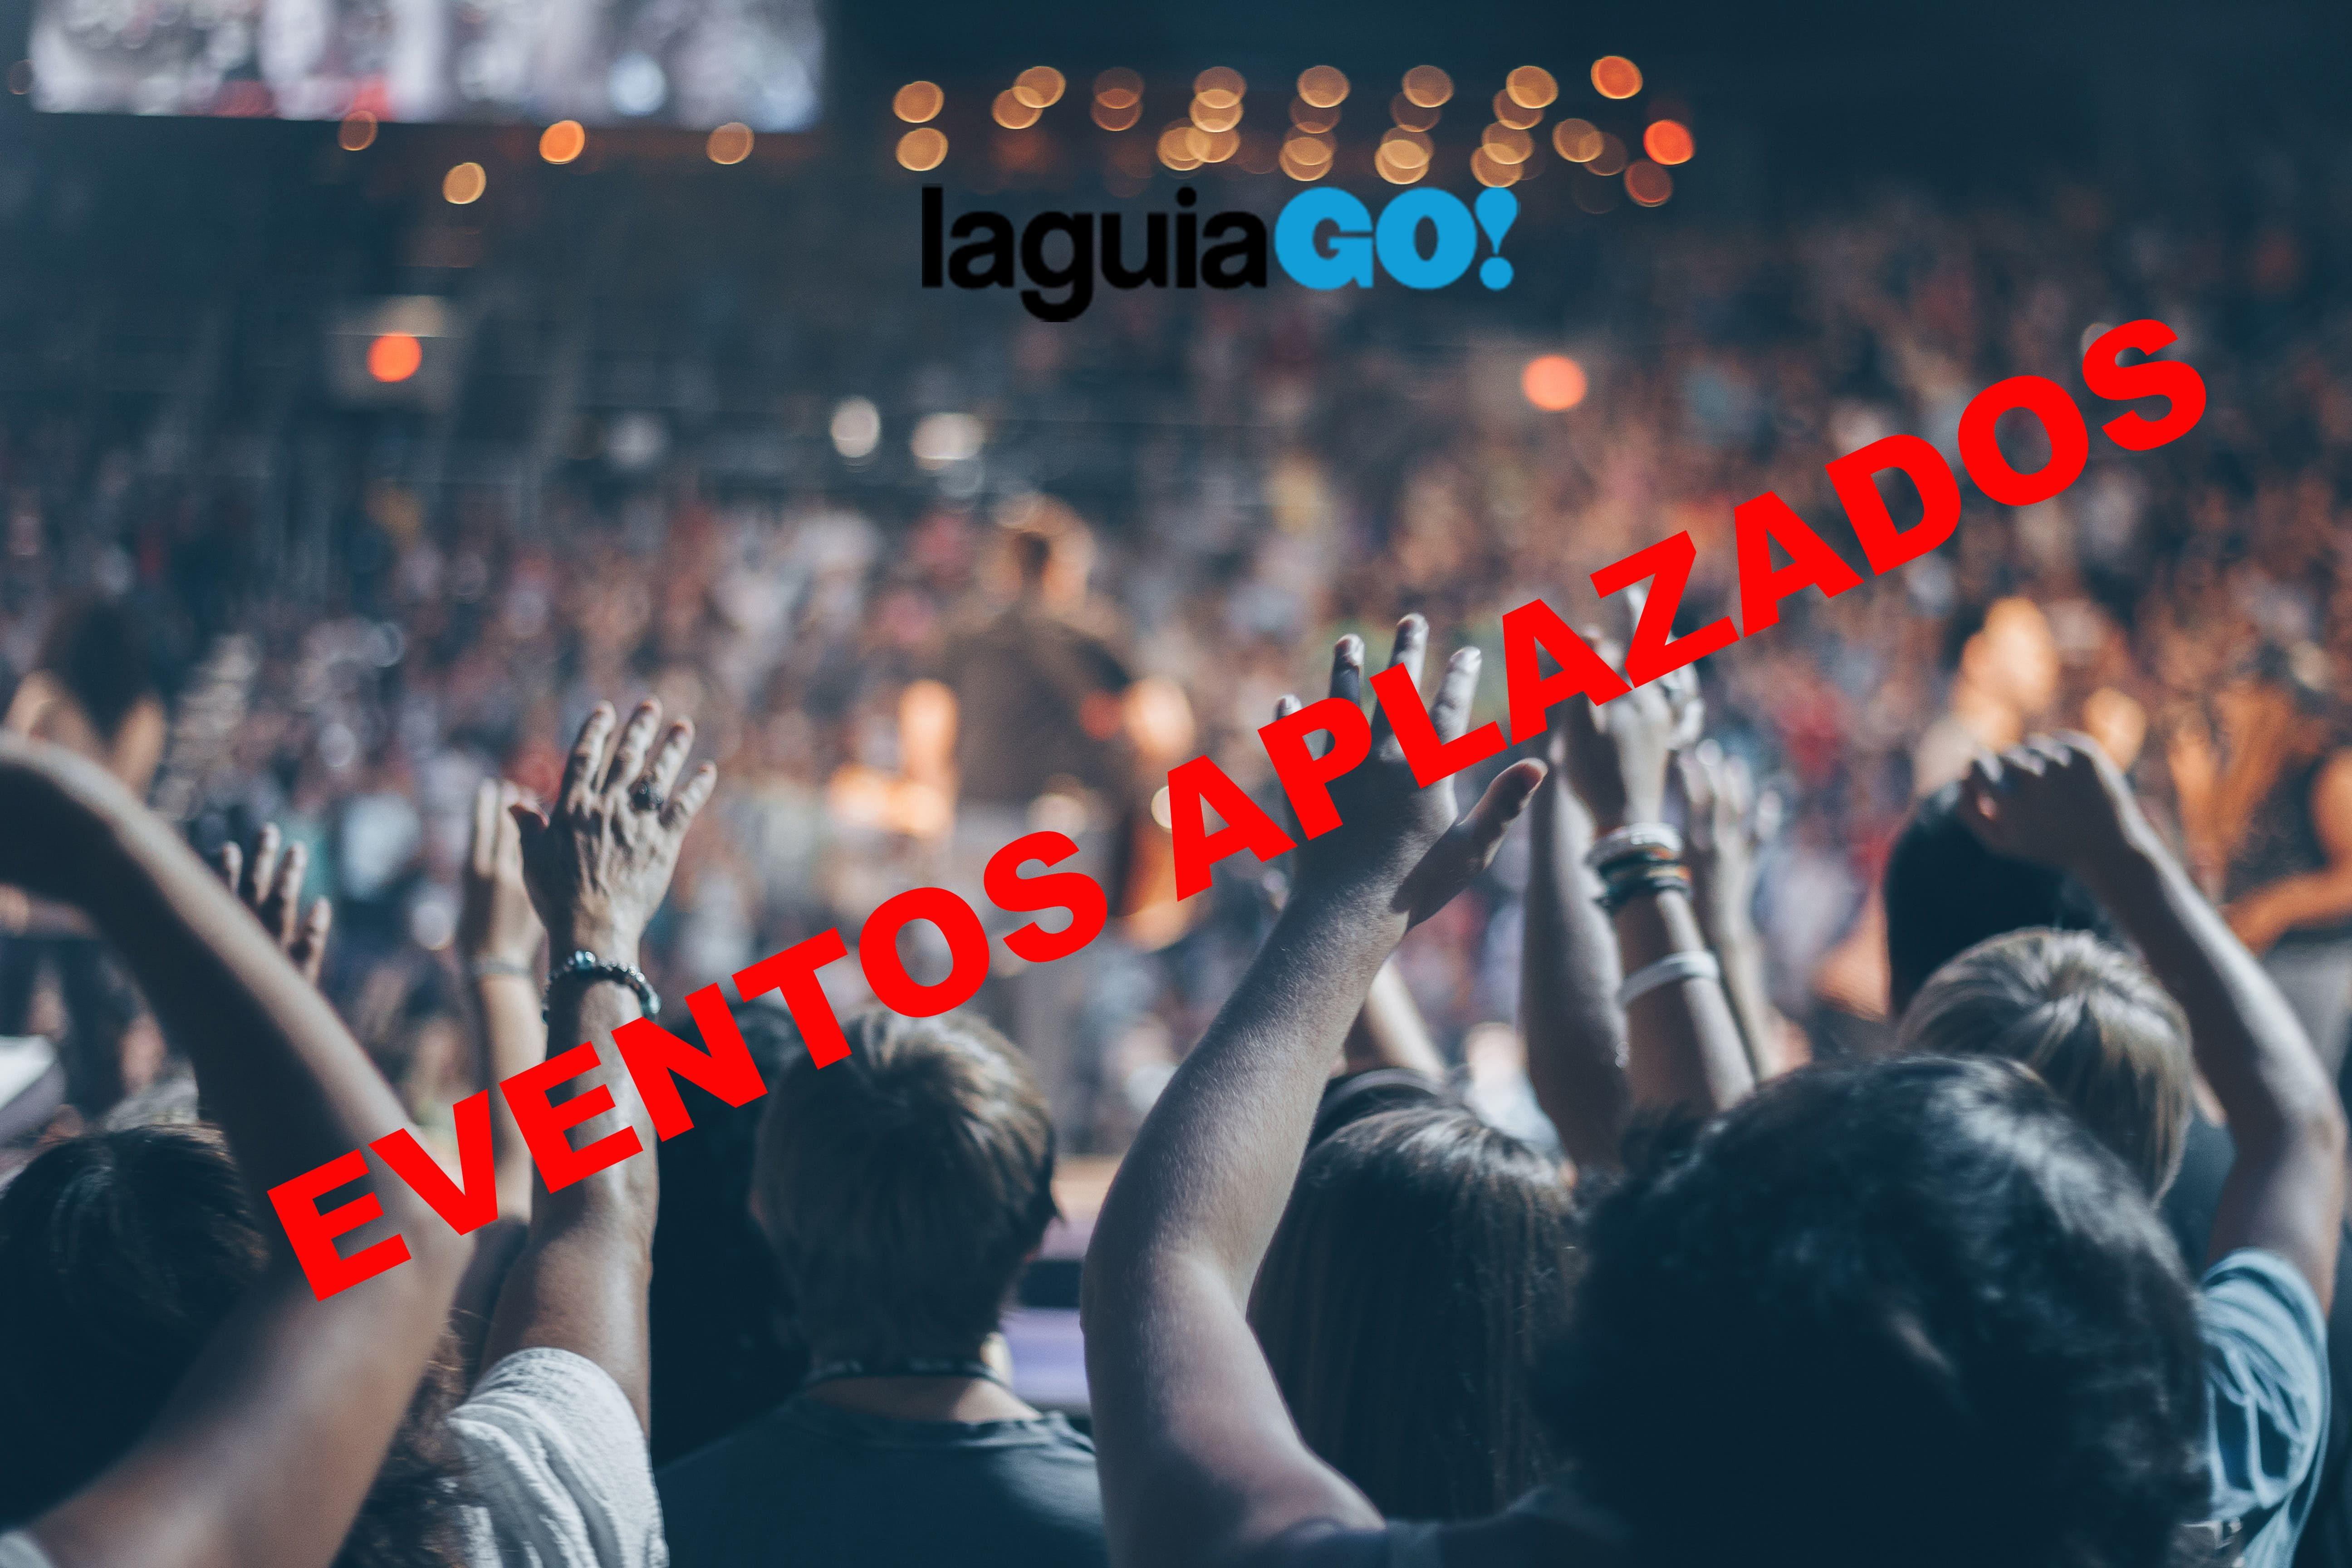 Aplazamiento y cancelación de eventos culturales por el Covid-19 en Pontevedra